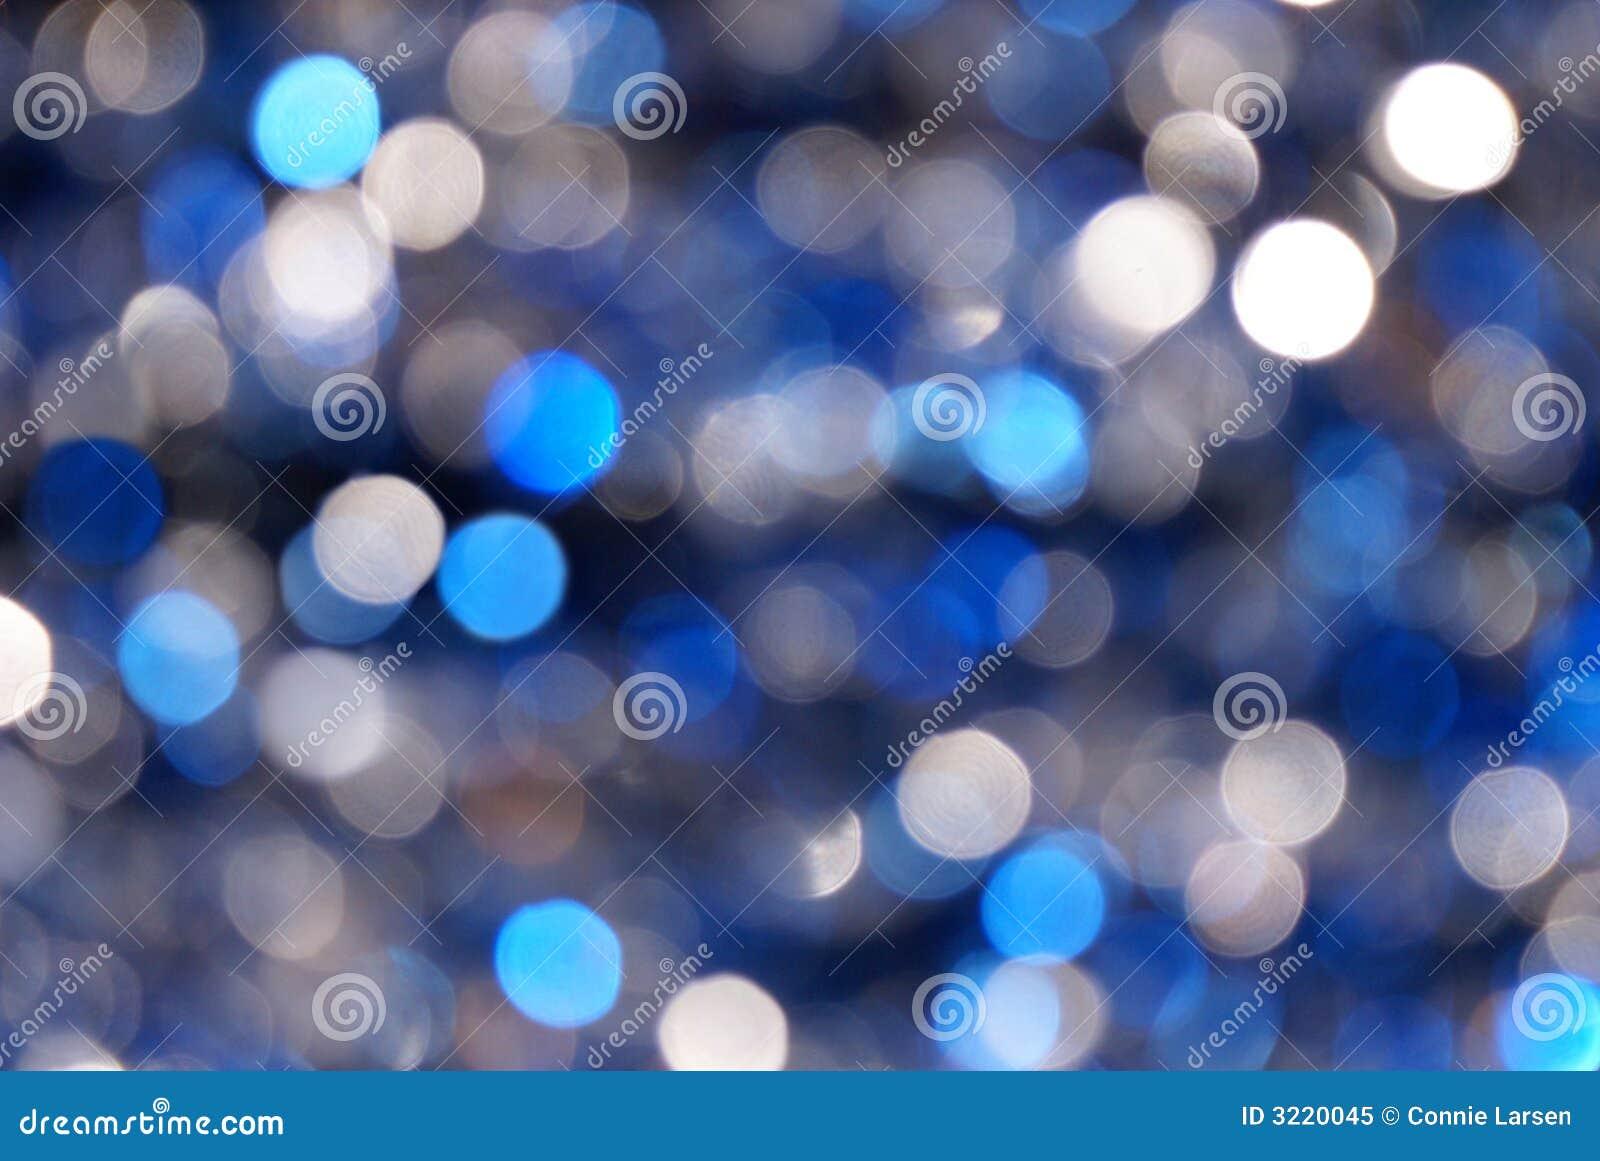 Background blue blur silver